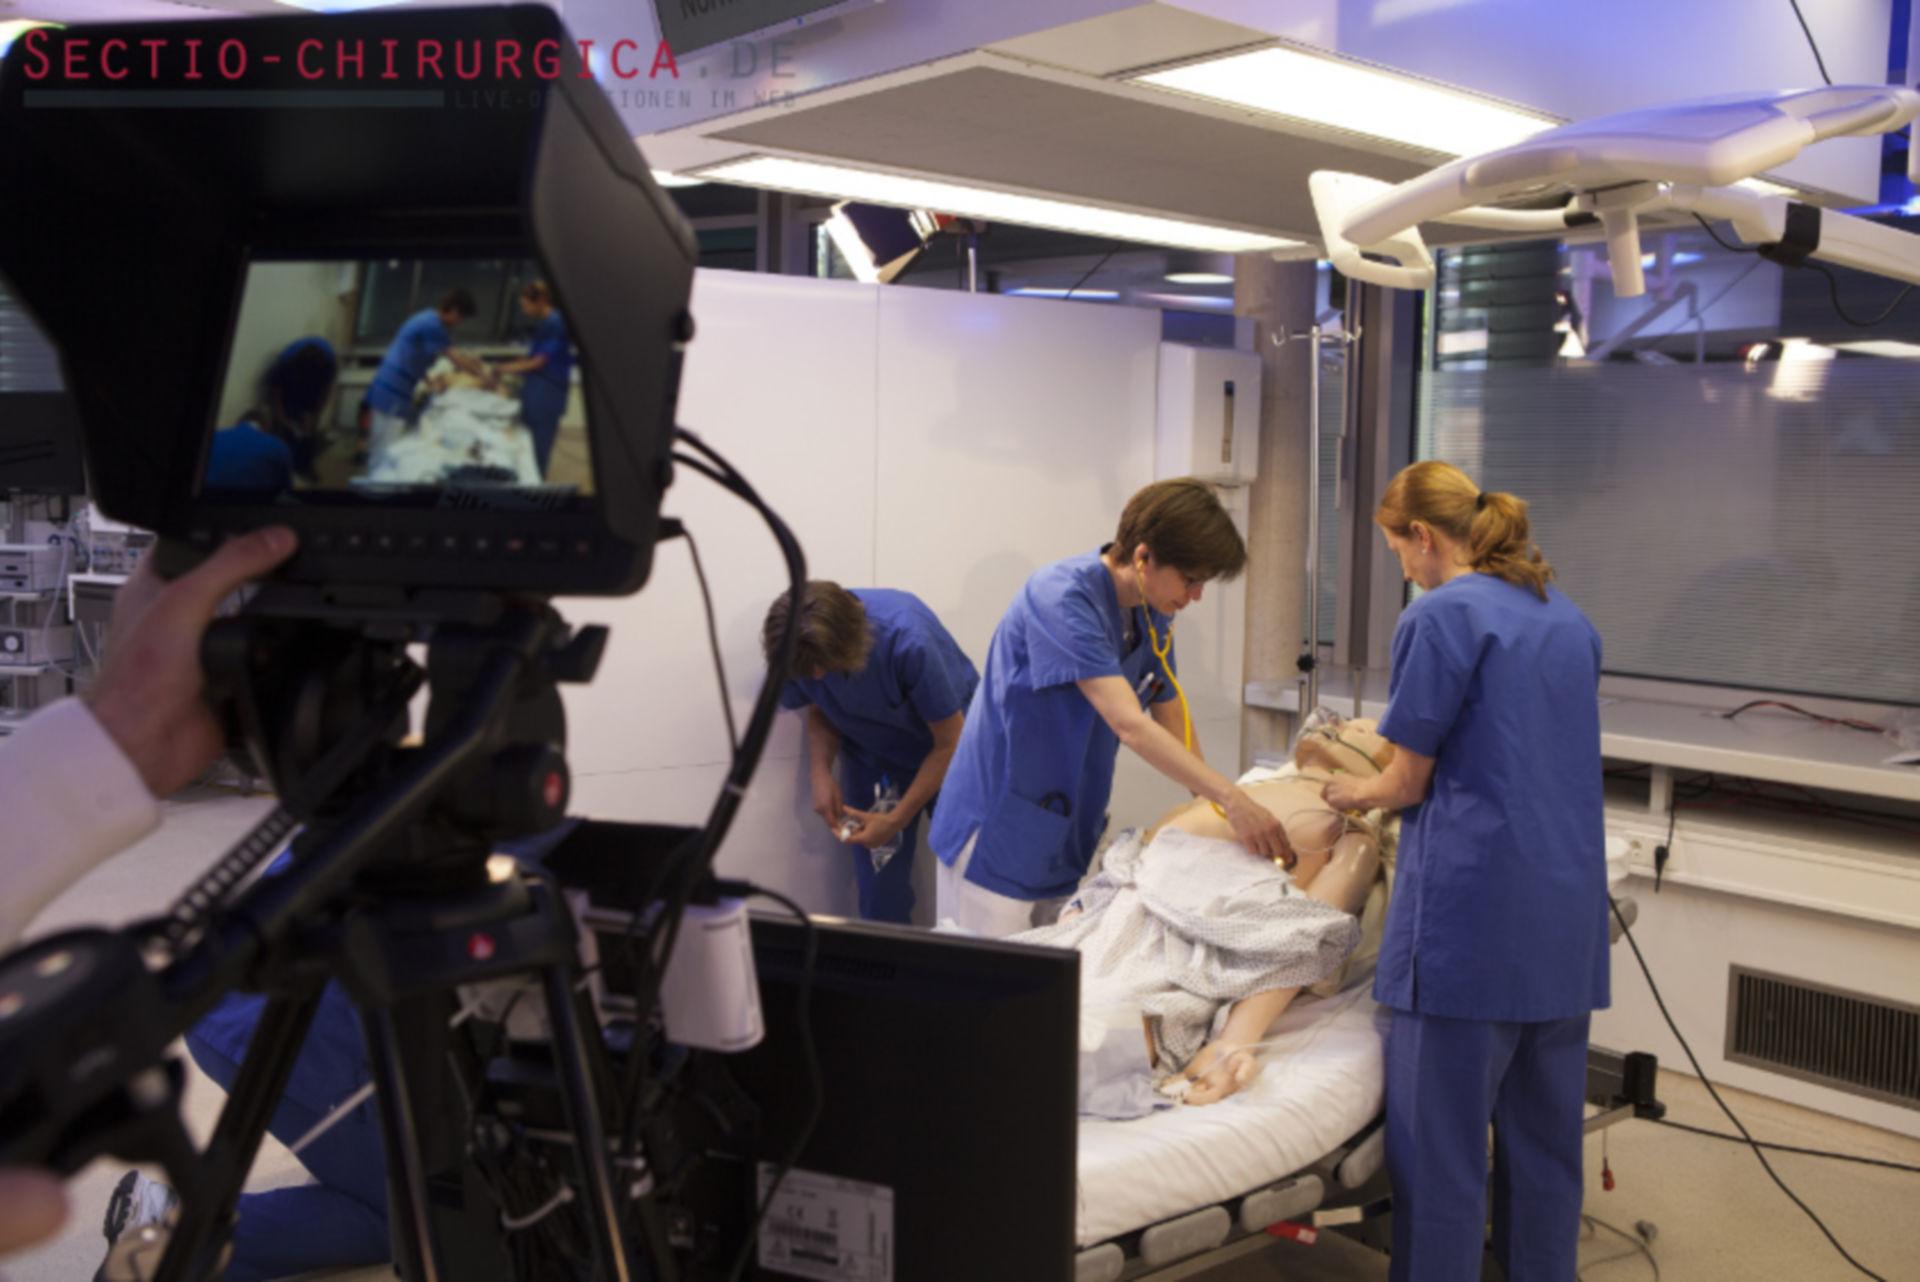 Sectio chirurgica: Vorbereitungen im OP-Saal